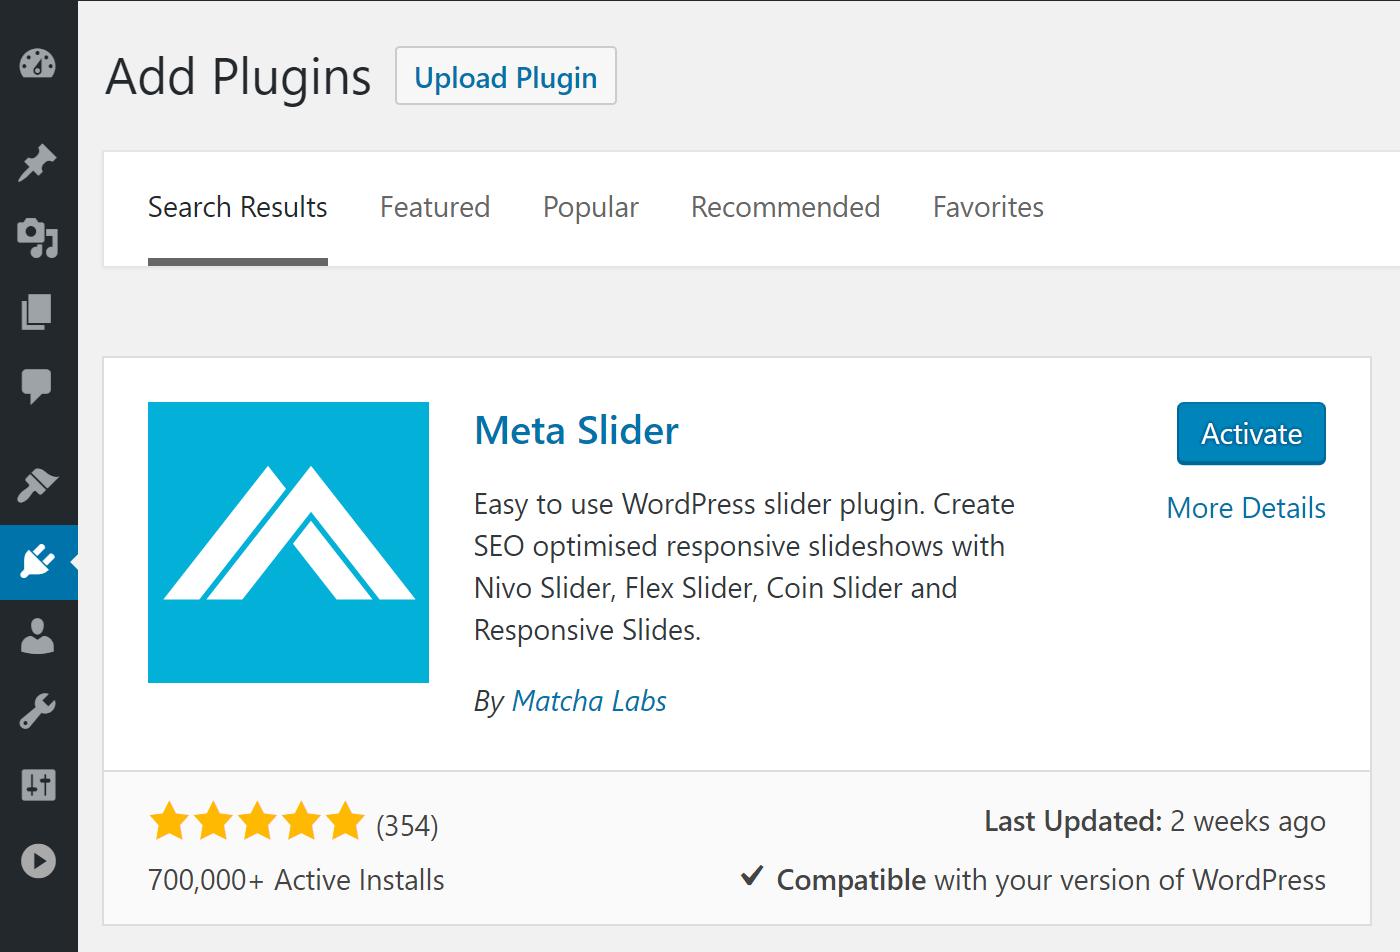 Cài đặt Meta Slider từ Bảng điều khiển WordPress của bạn